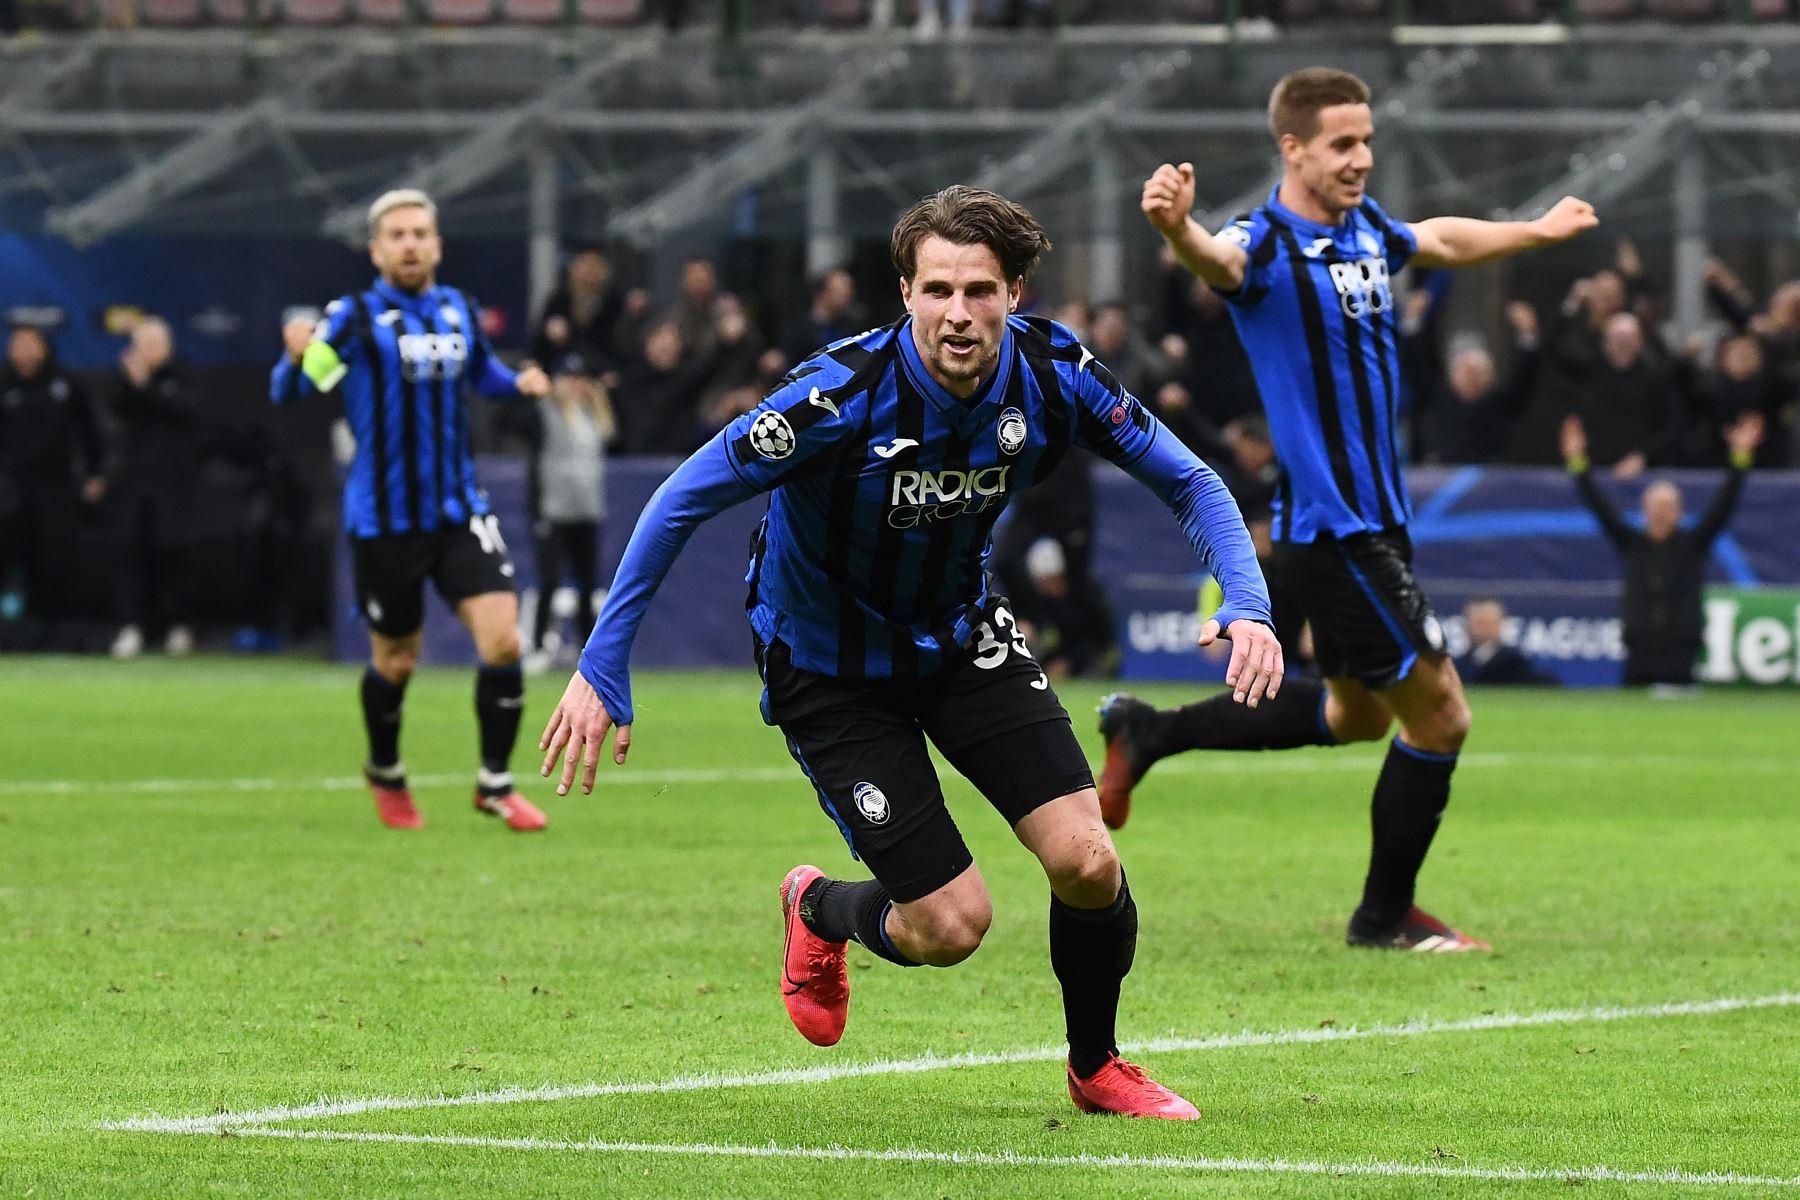 El defensor holandés de Atalanta, Hans Hateboer, celebra después de marcar su segundo gol durante el partido de ida de octavos de final de la UEFA Champions League Atalanta Bergamo vs Valencia. Foto:AFP